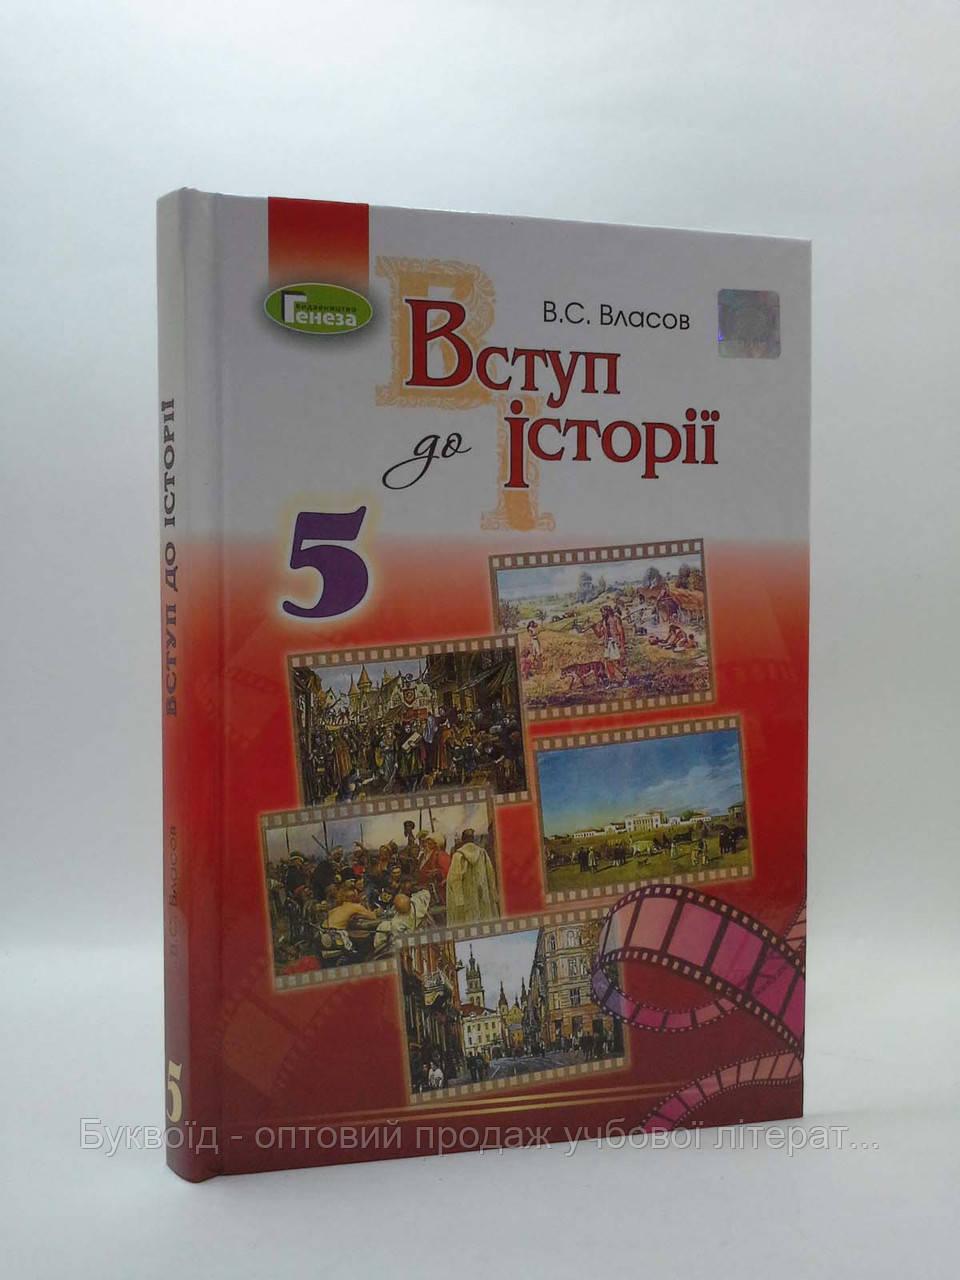 Вступ до історії 5 клас Підручник Власов Генеза ISBN 978-966-11-0482-1